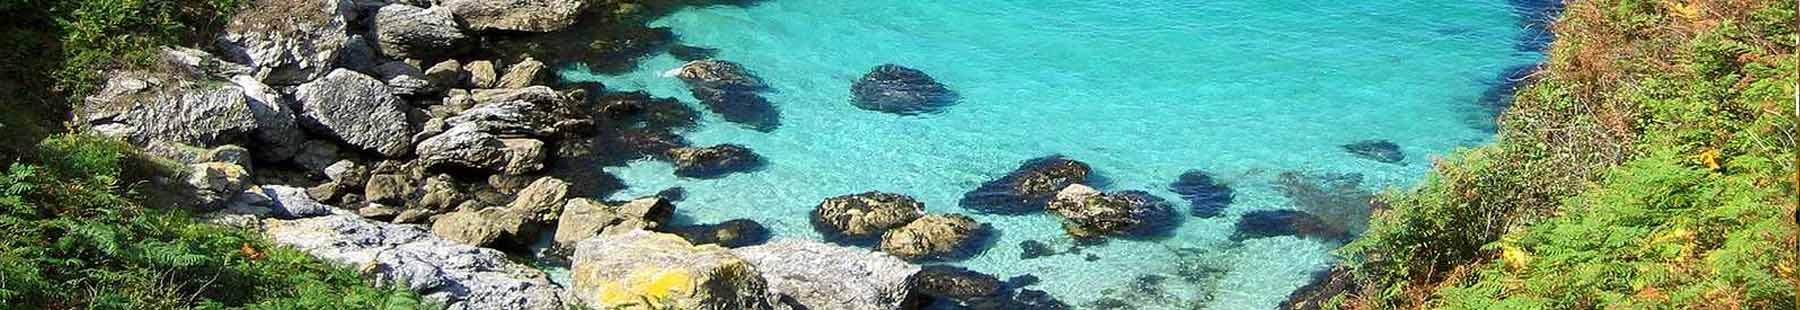 Escapade liberté à Belle-Île-en-Mer